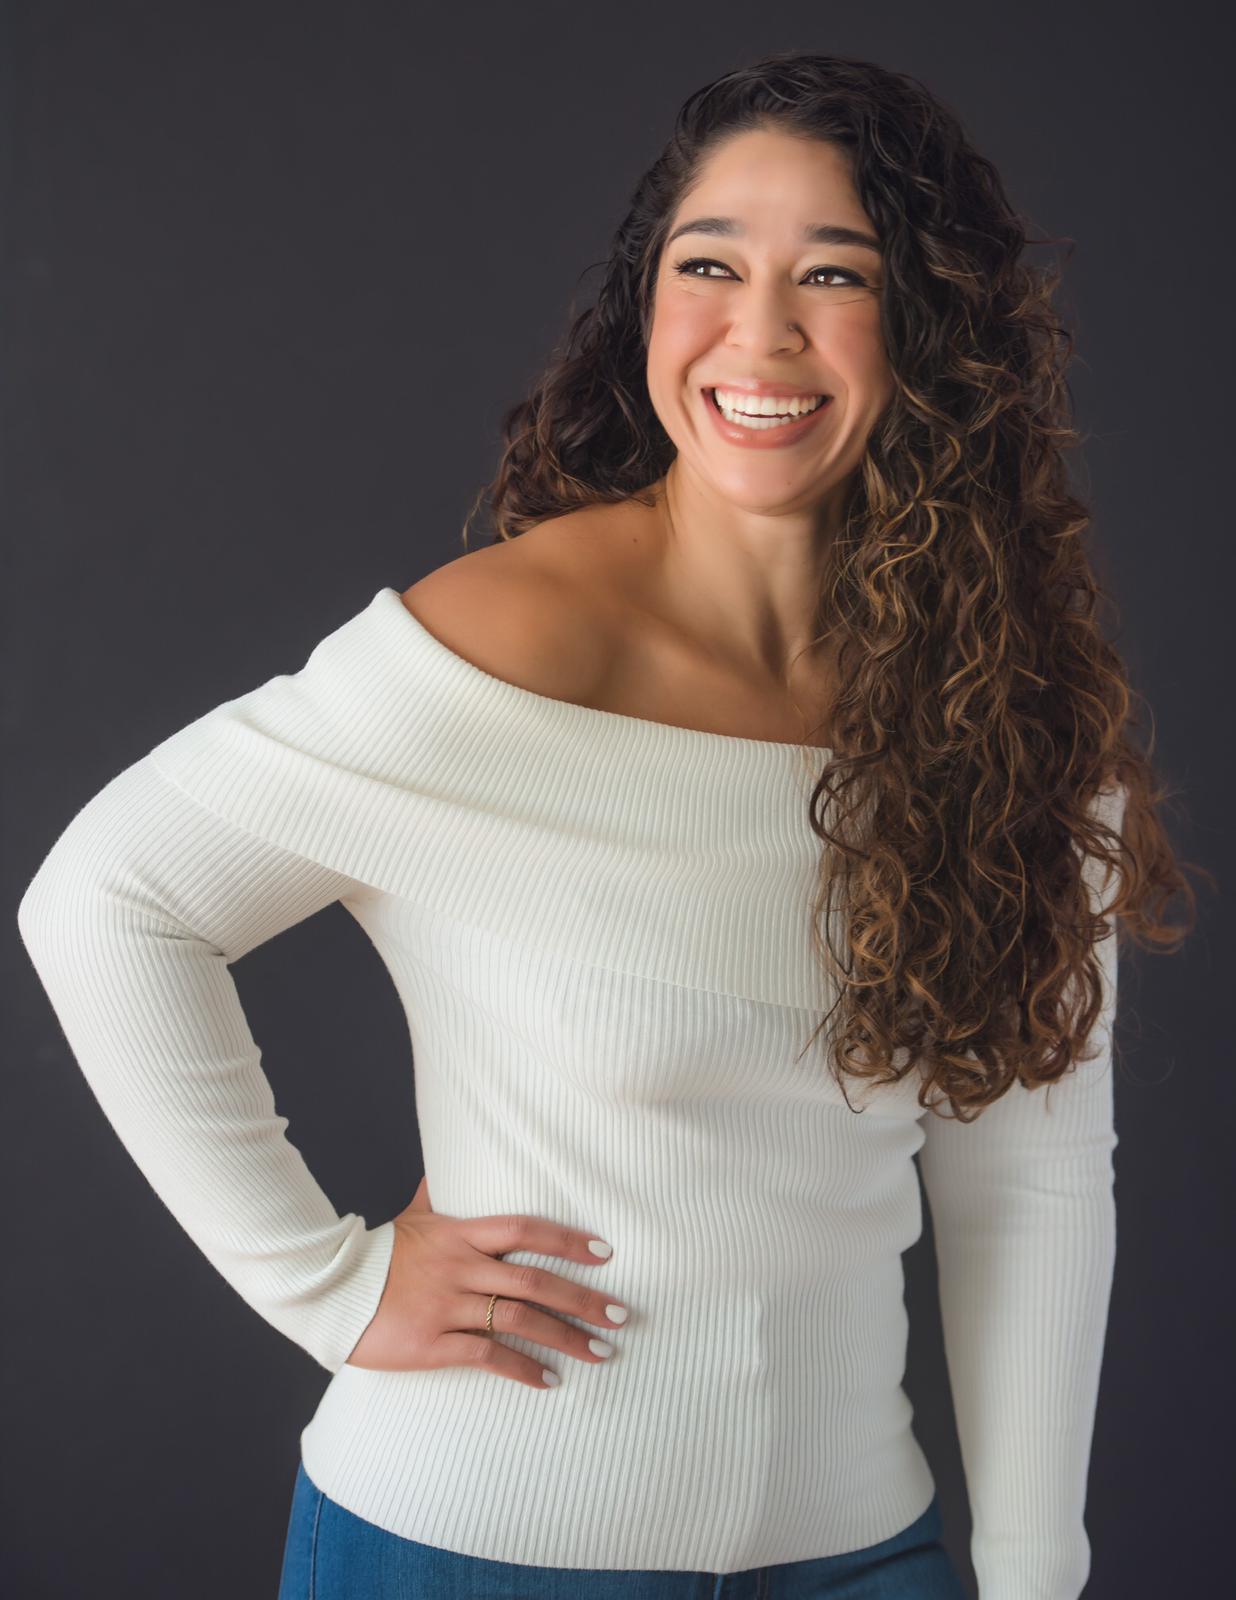 Tangia Al-Awaji Estrada